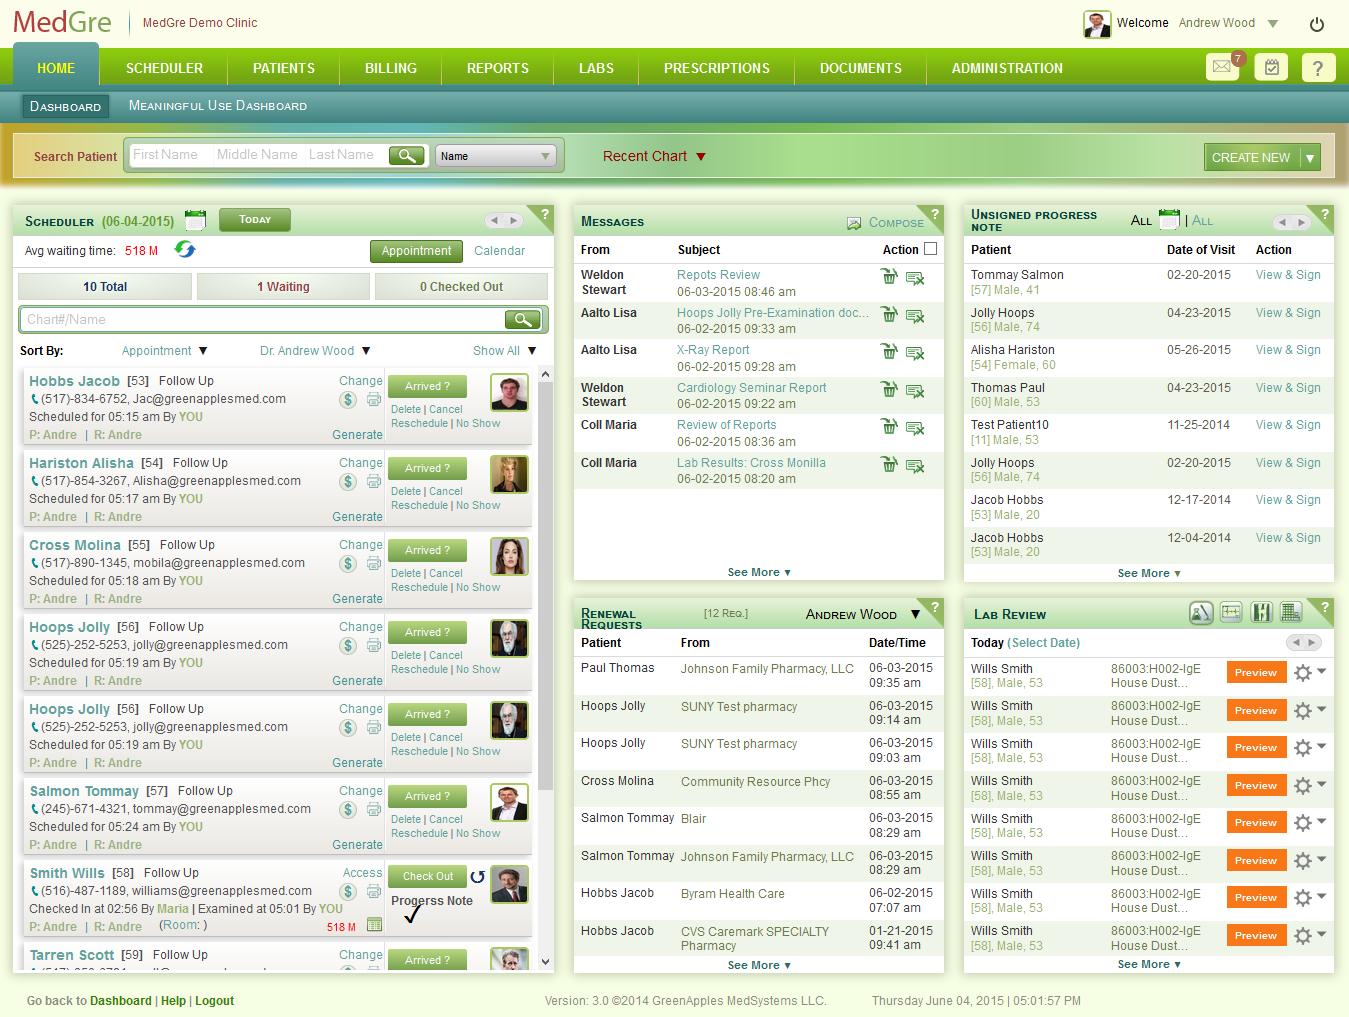 MedGre Software - MedGre dashboard